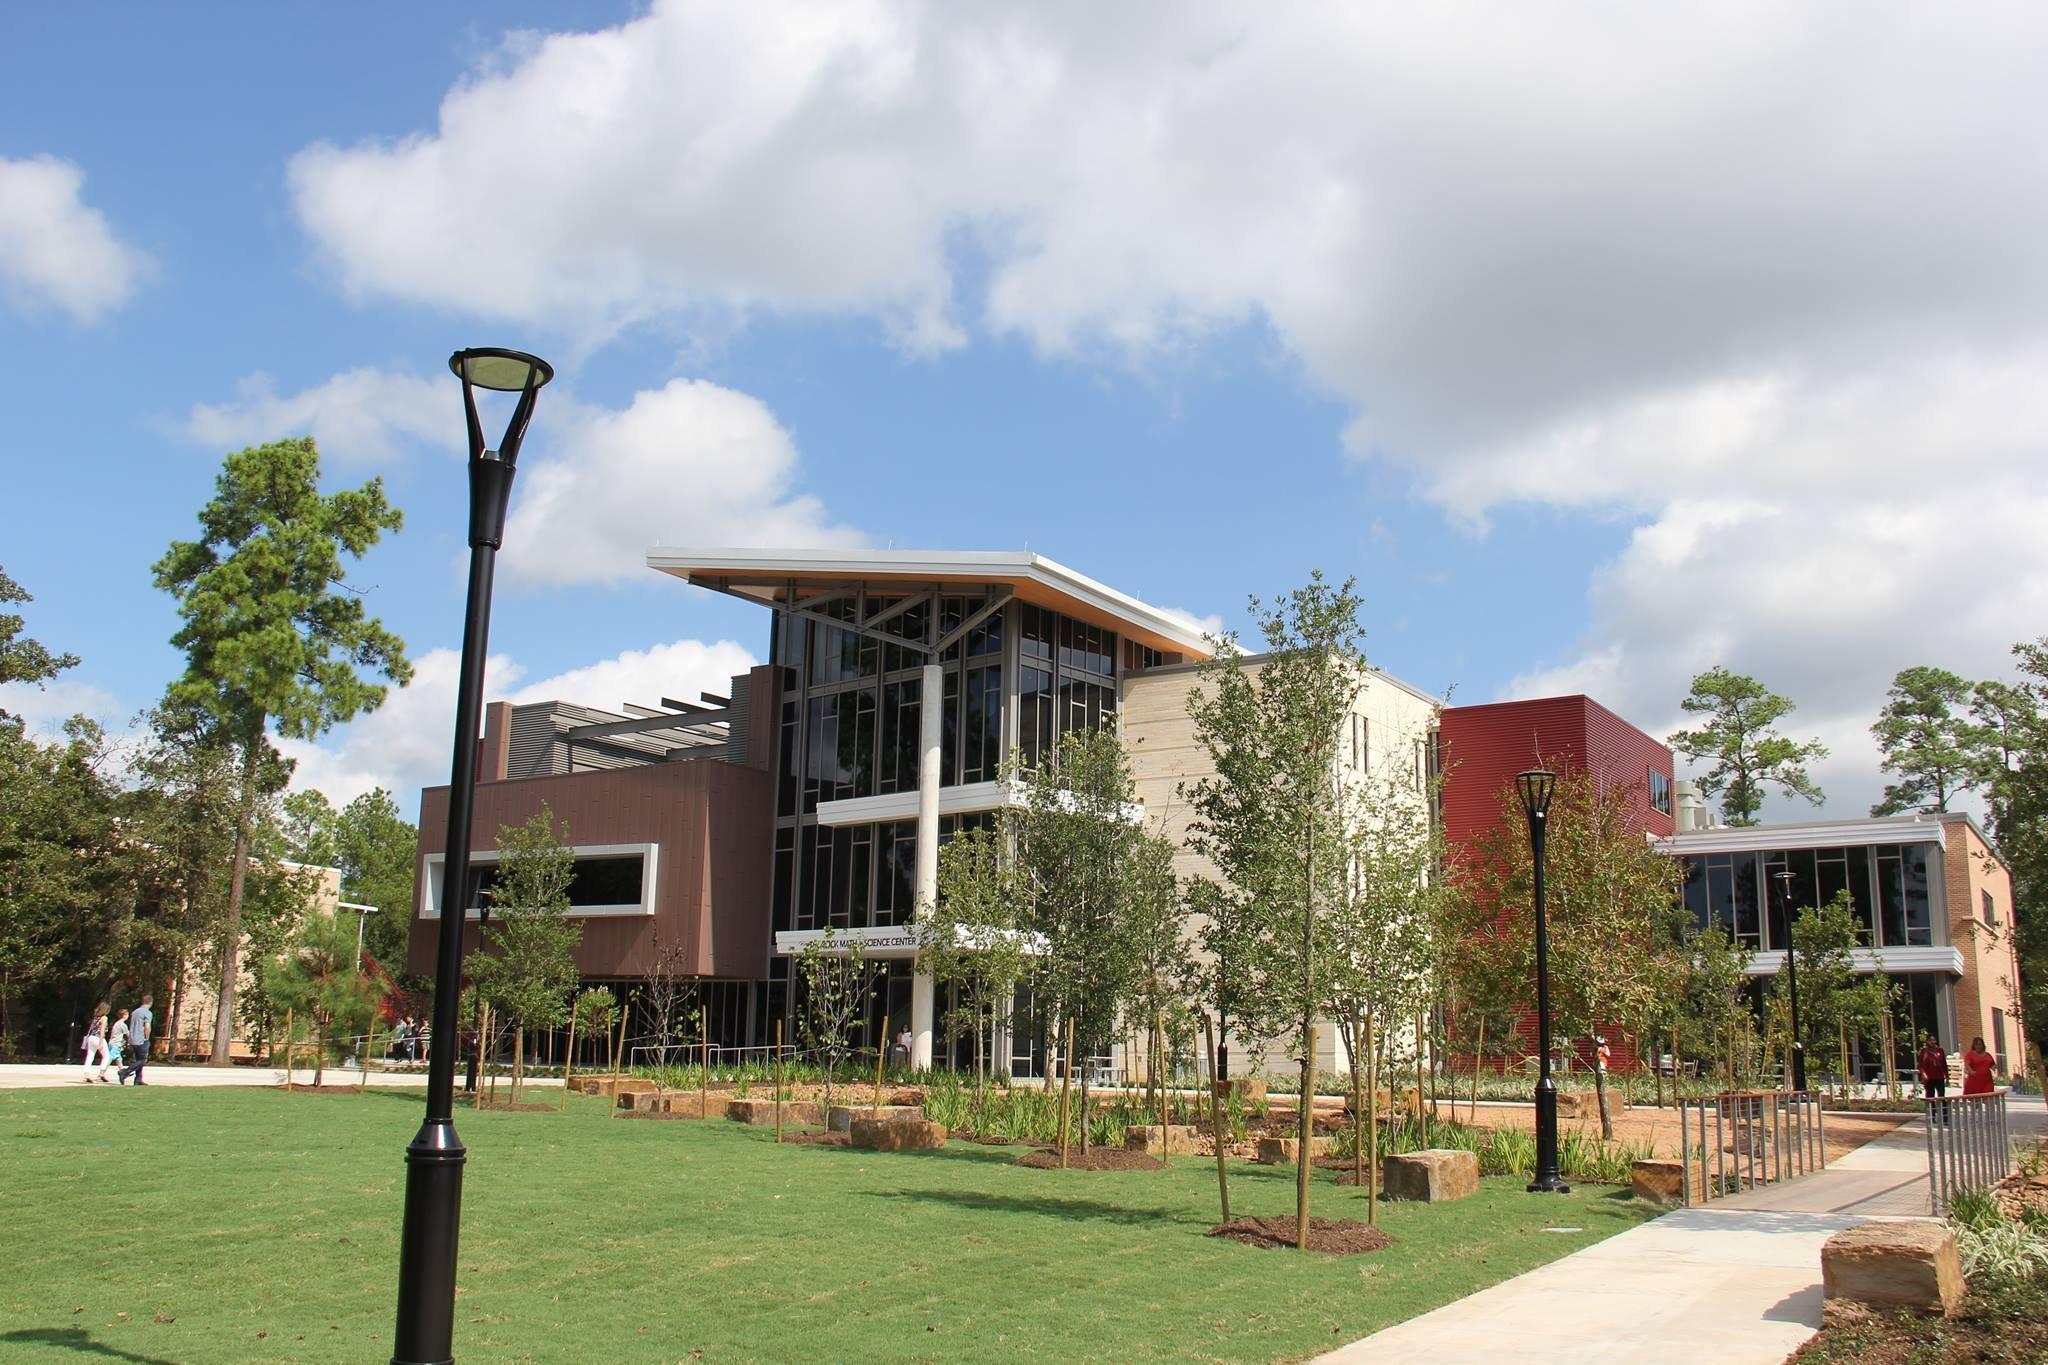 The John Cooper School in The Woodlands, Texas